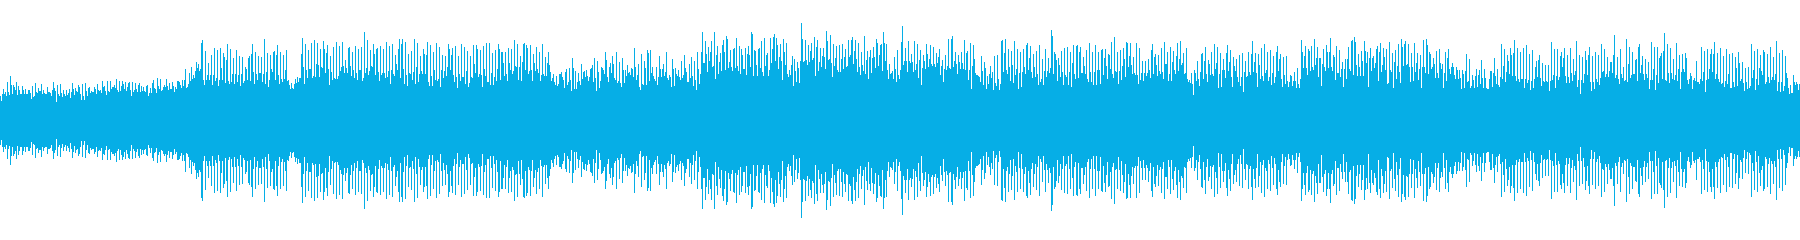 ファンタスティックなテクノポップの再生済みの波形